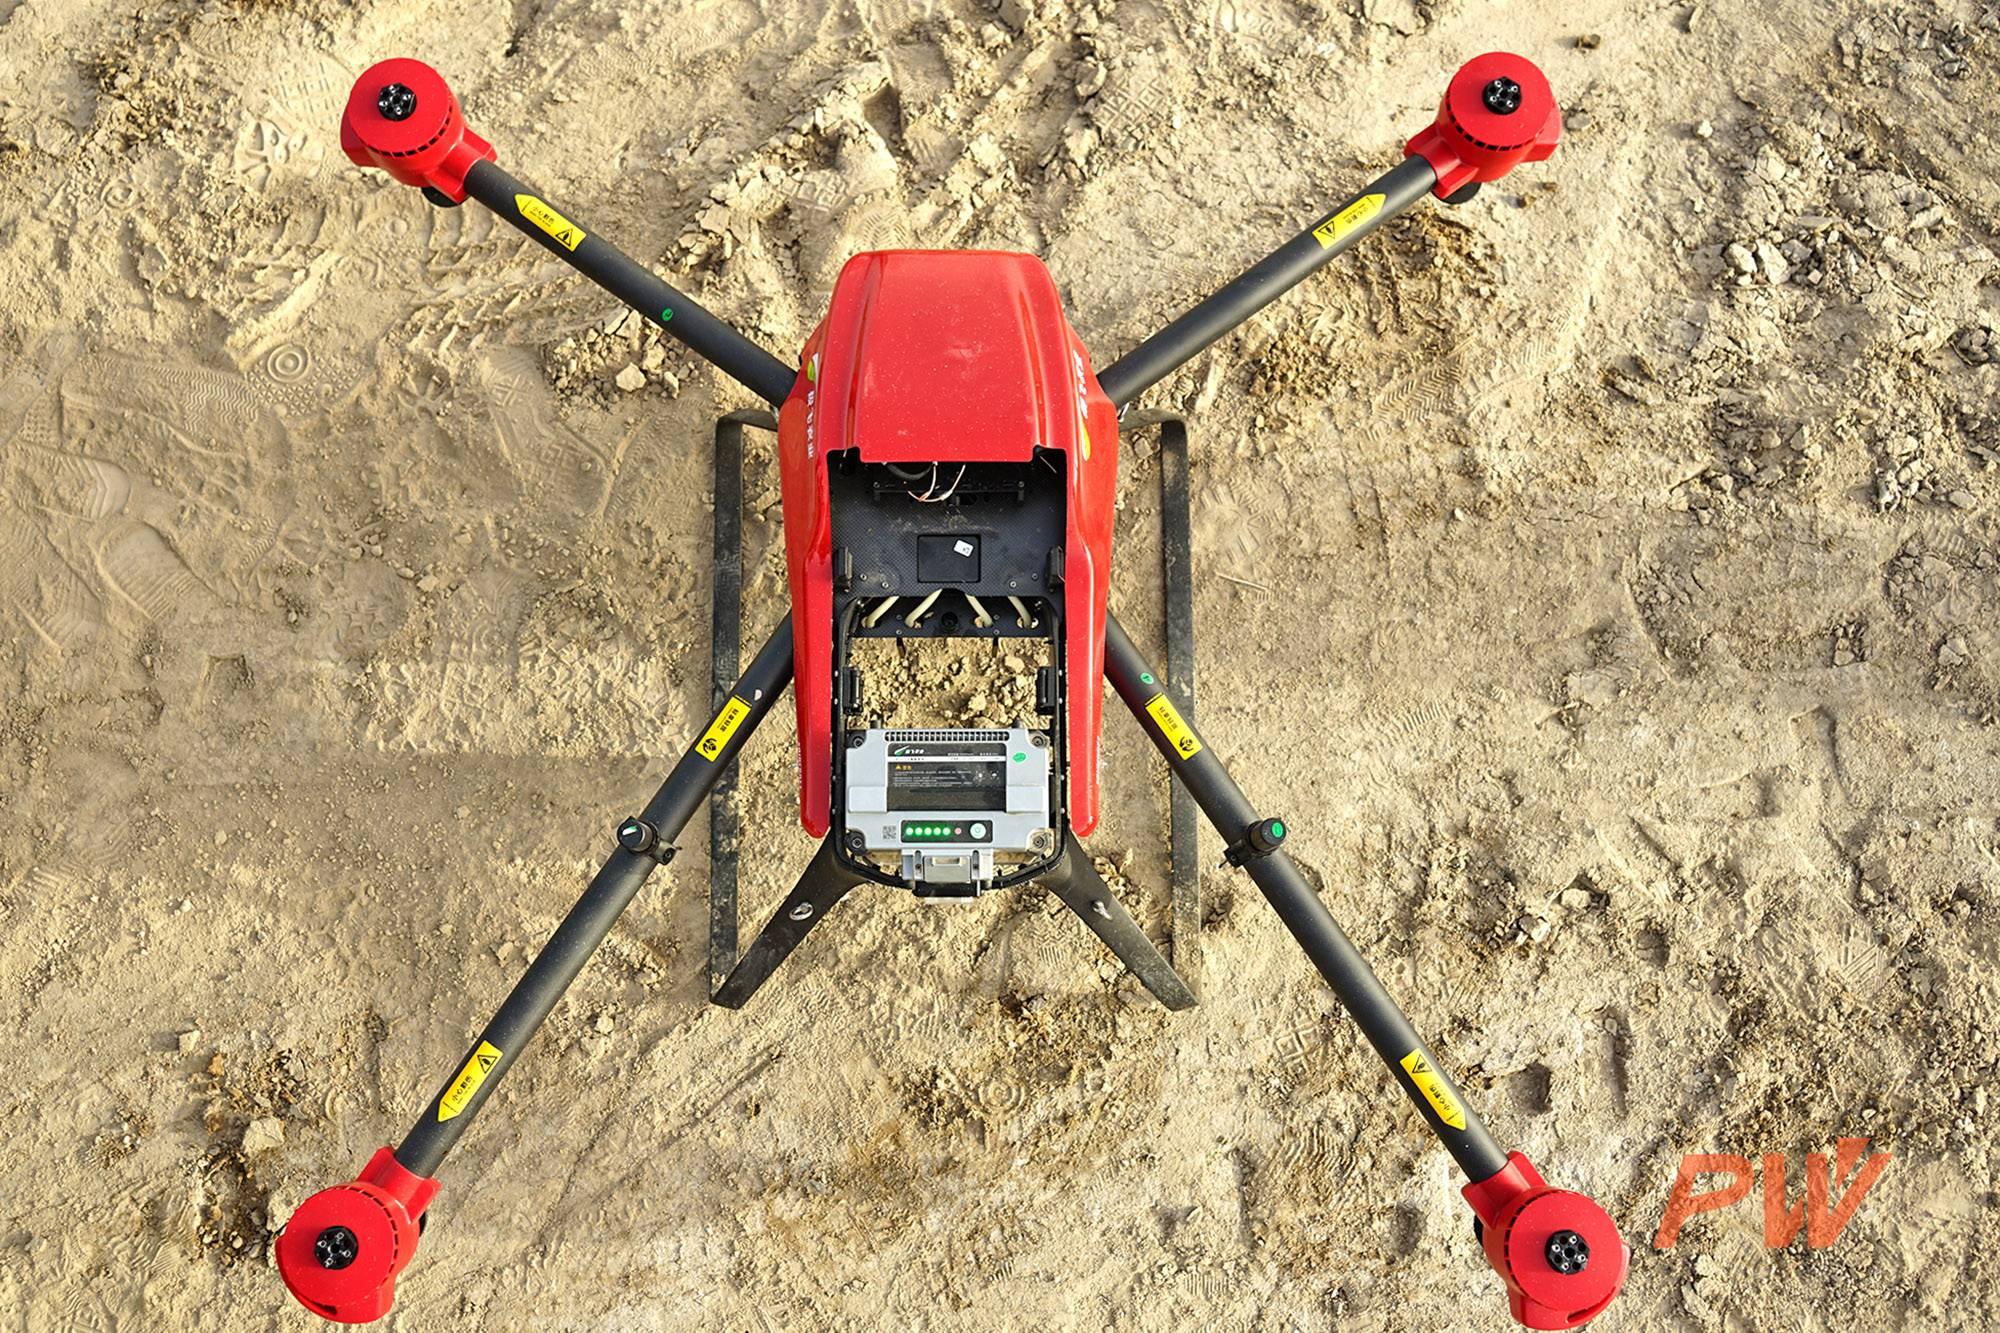 很惭愧,极飞无人机为新疆农业做了一点微小的贡献